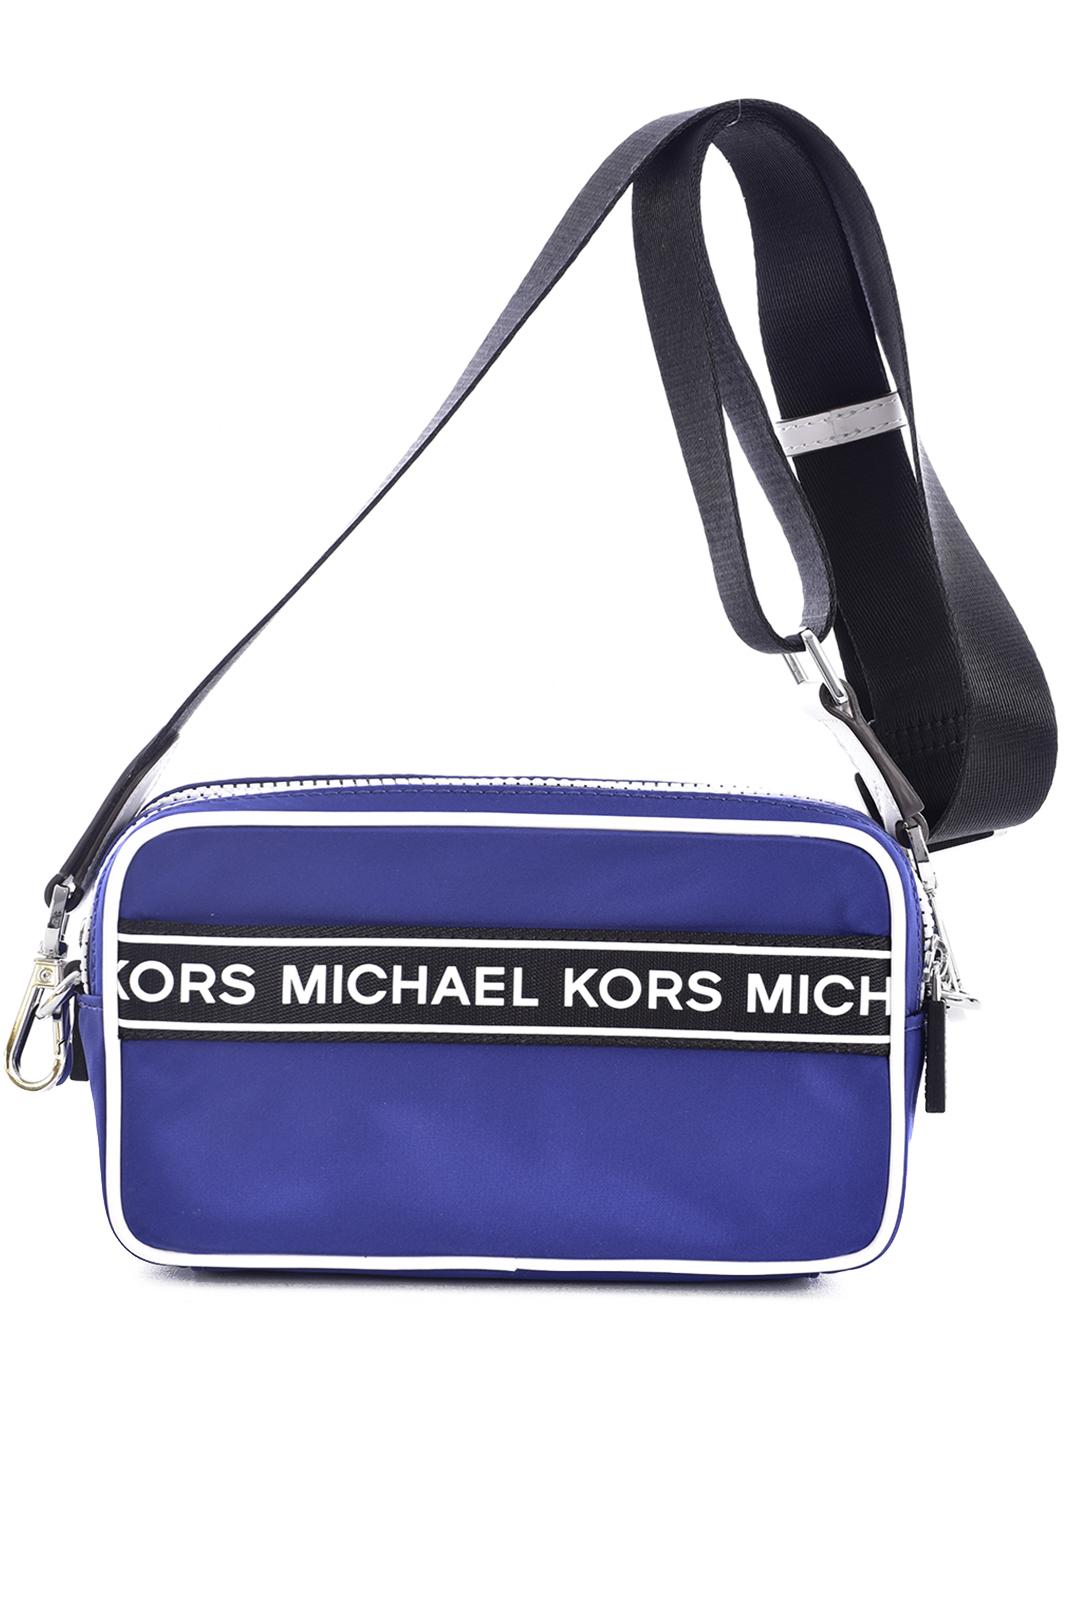 Sac porté épaule  Michael Kors 35H95Y9C5C BLEU